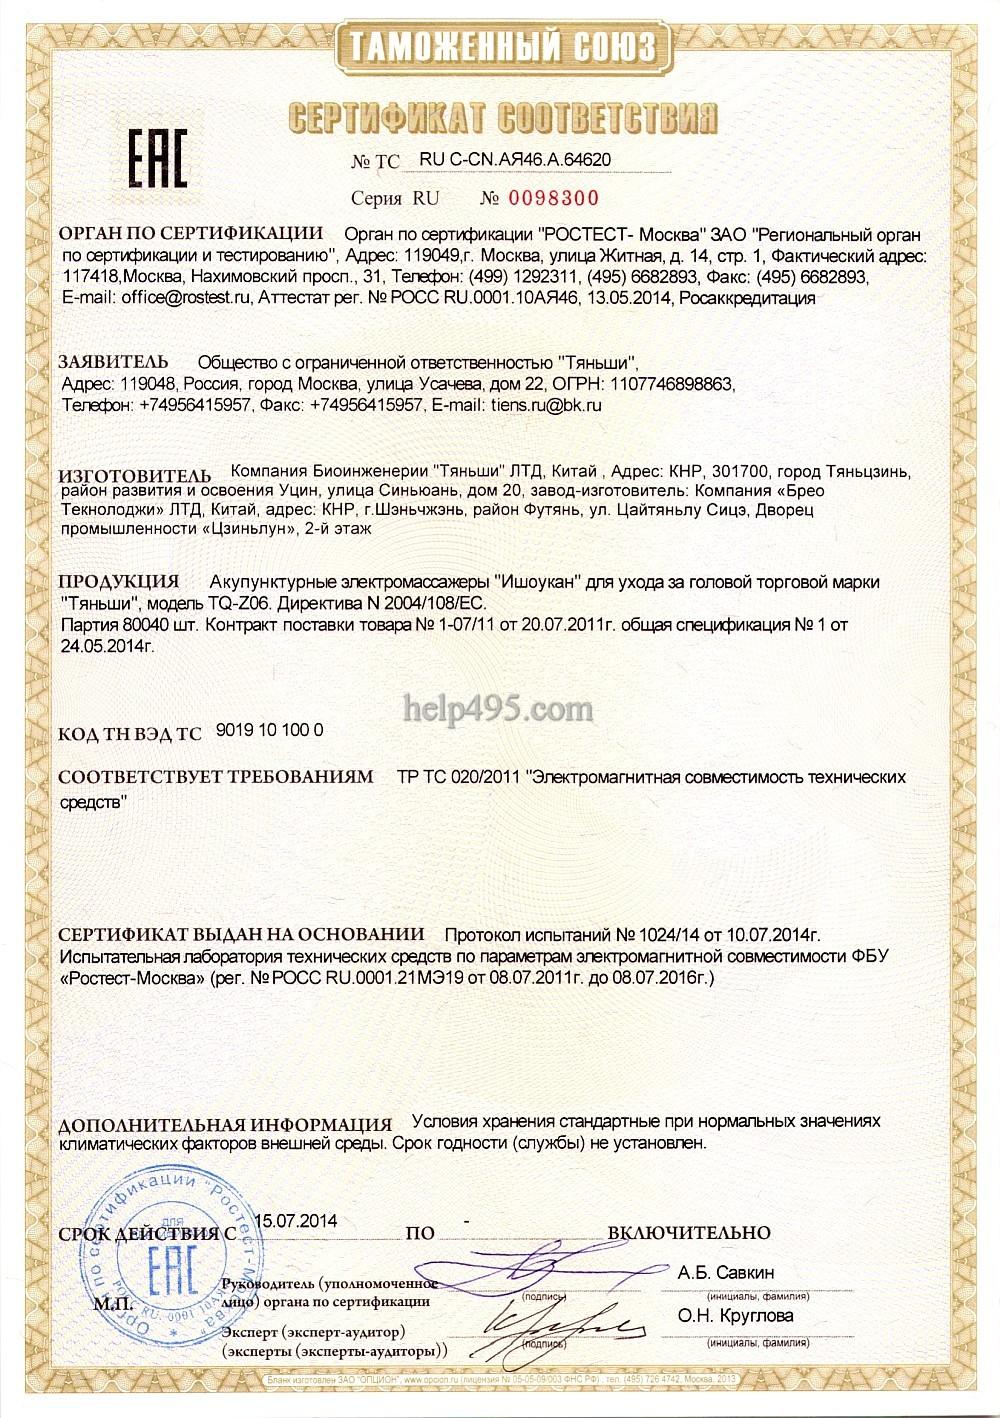 Сертификат соответствия лазерной расчёски Тяньши (Ишоукана)